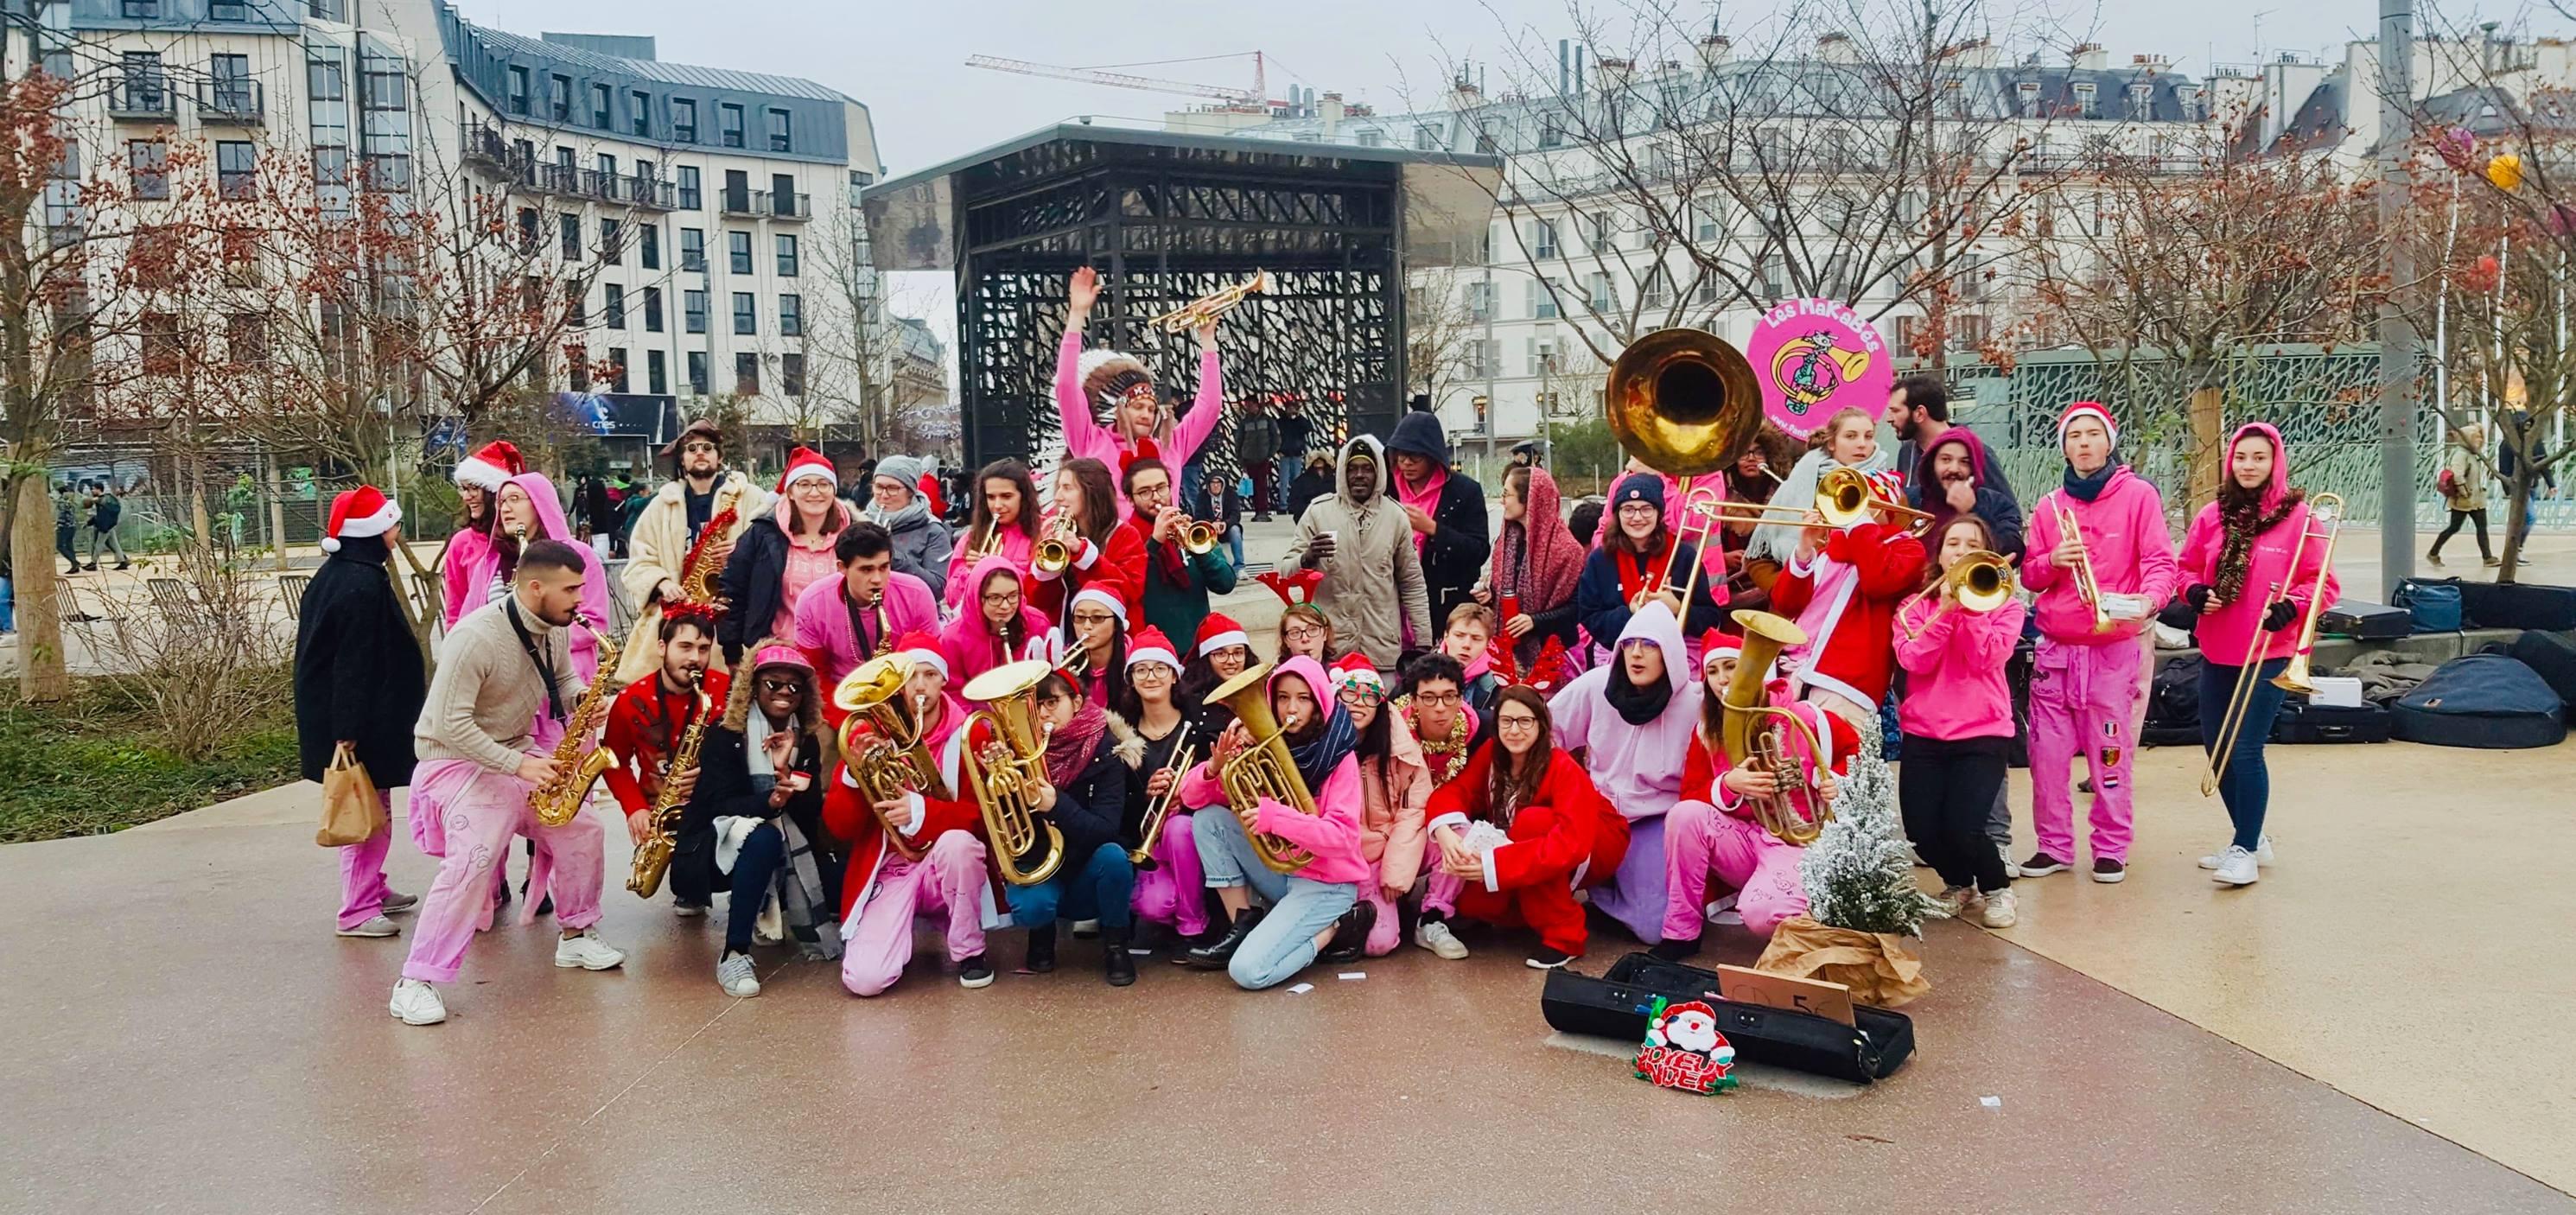 2019 - Manche de Noël à Châtelet (Paris)